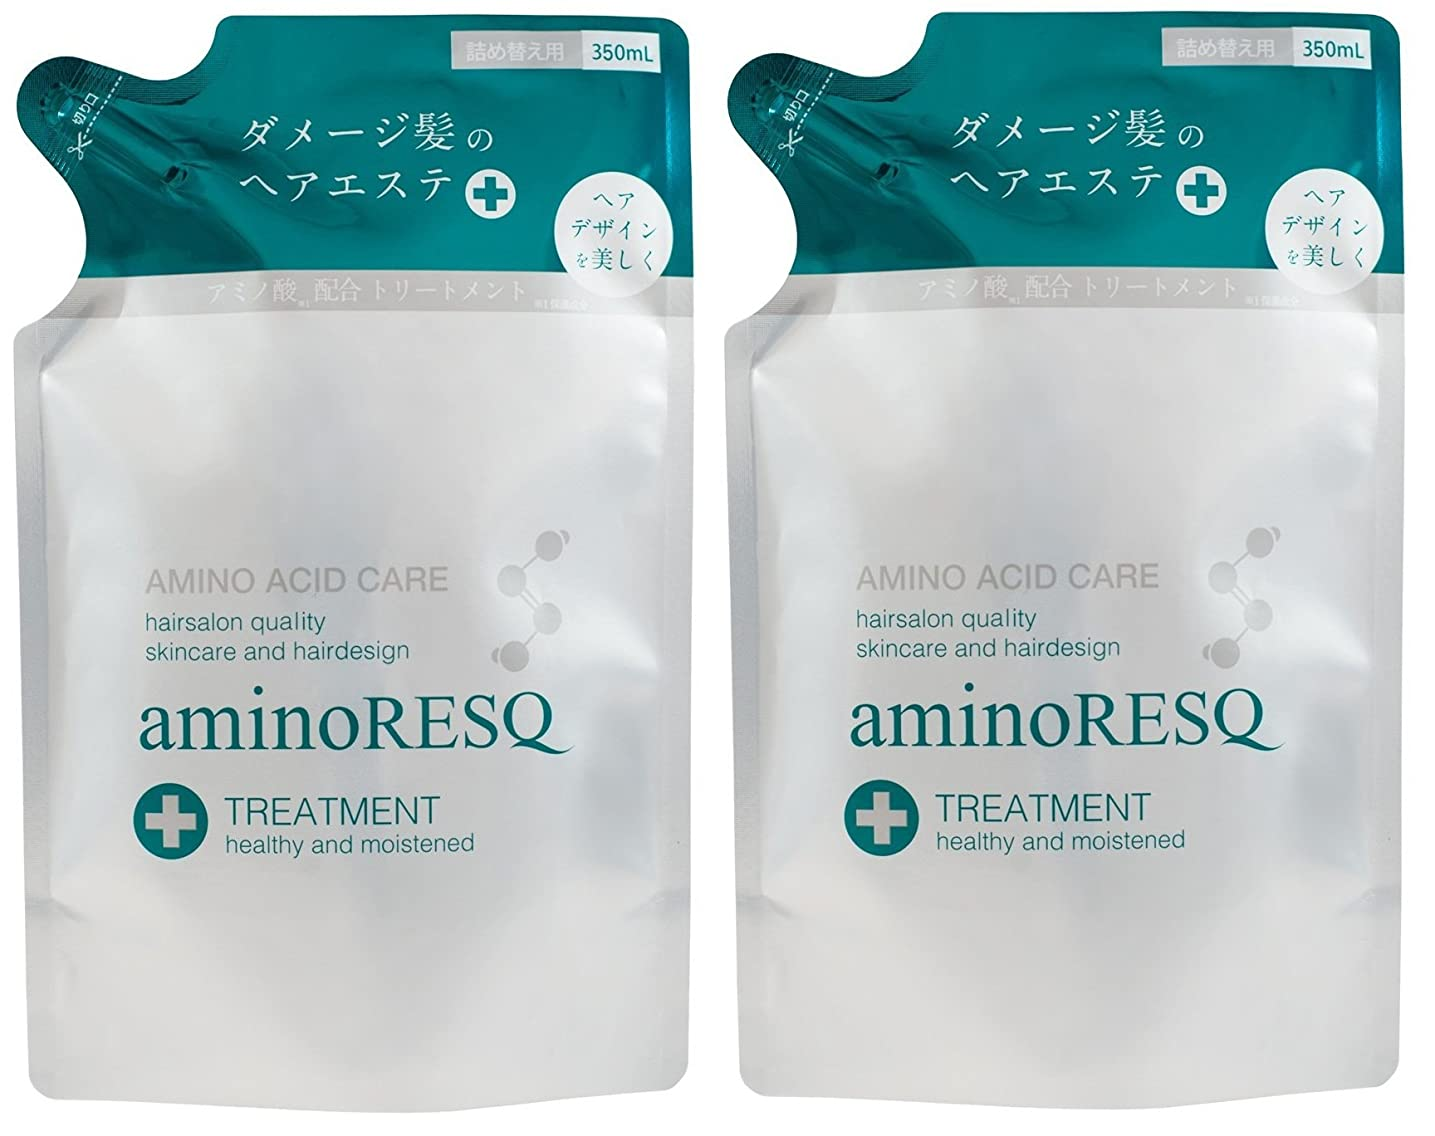 退化する独裁者暖かさ【2個セット】aminoRESQ アミノレスキュー トリートメント詰替